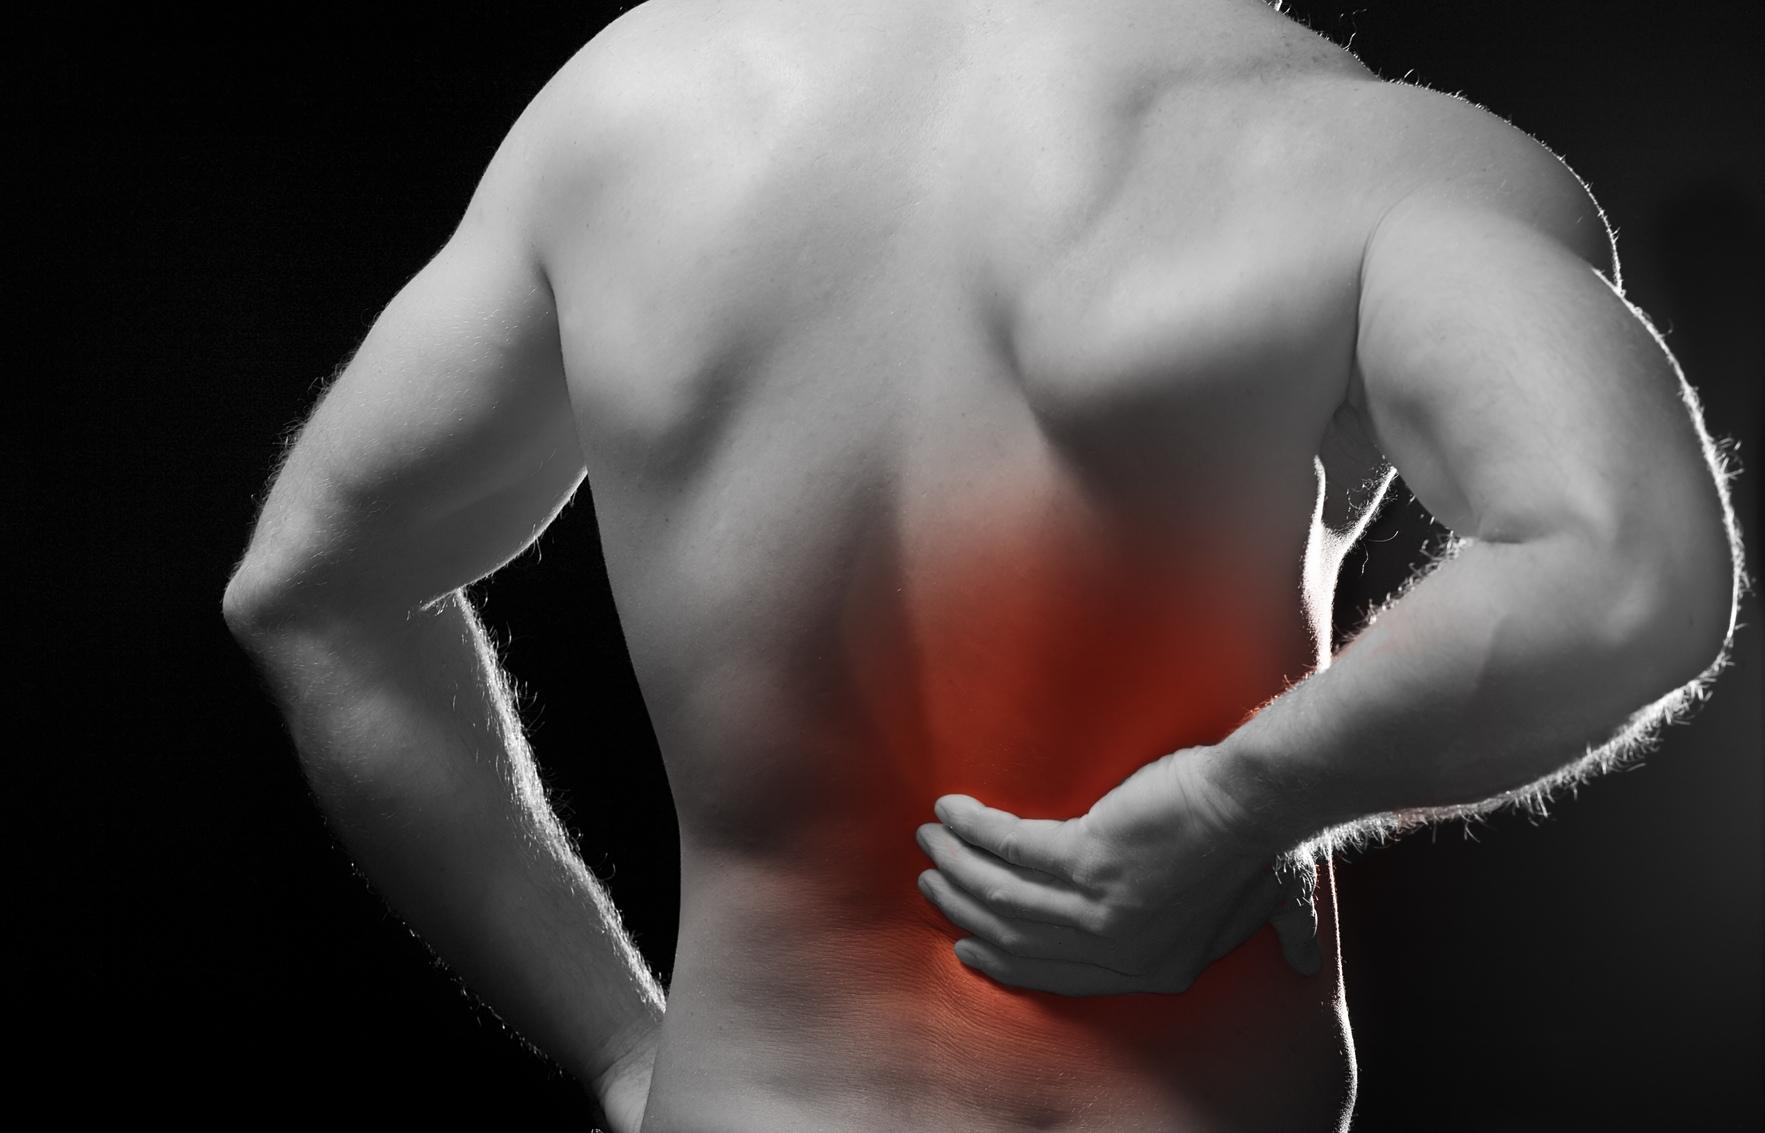 Οσφυαλγία. Πού οφείλεται ο έντονος πόνος στην πλάτη; thumbnail